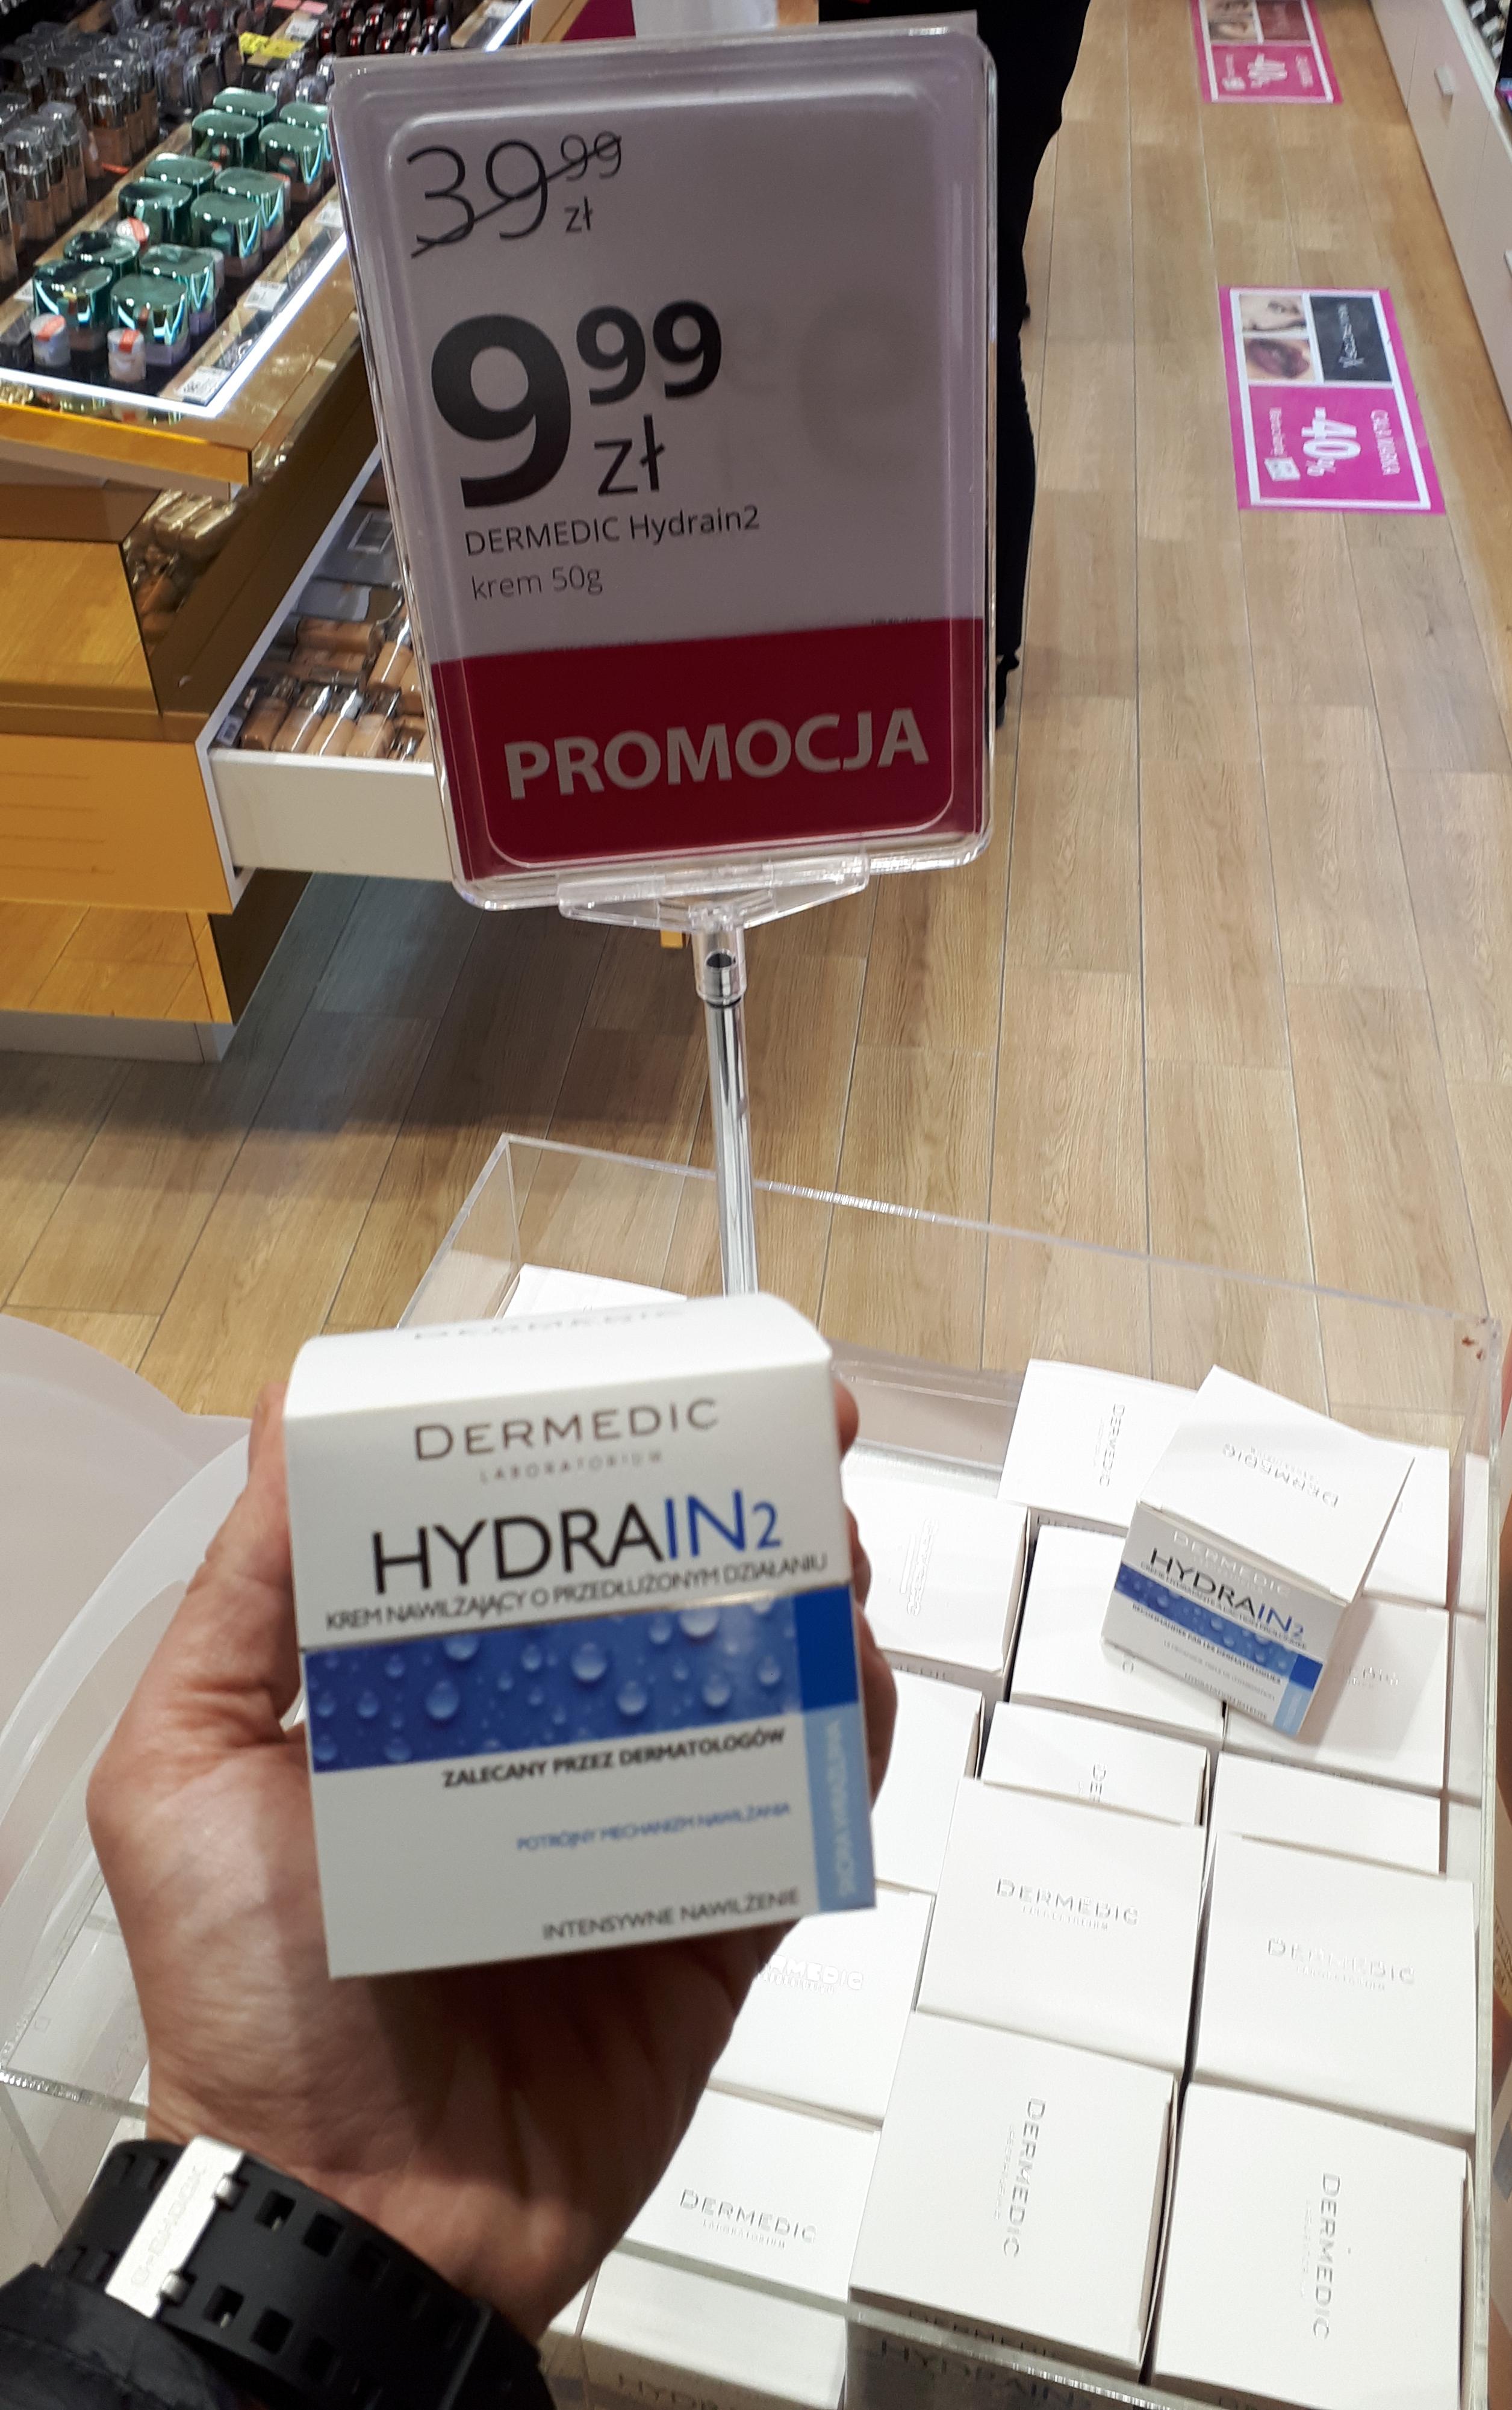 Krem Dermedic Hydrain2 nawilżający do twarzy | HEBE